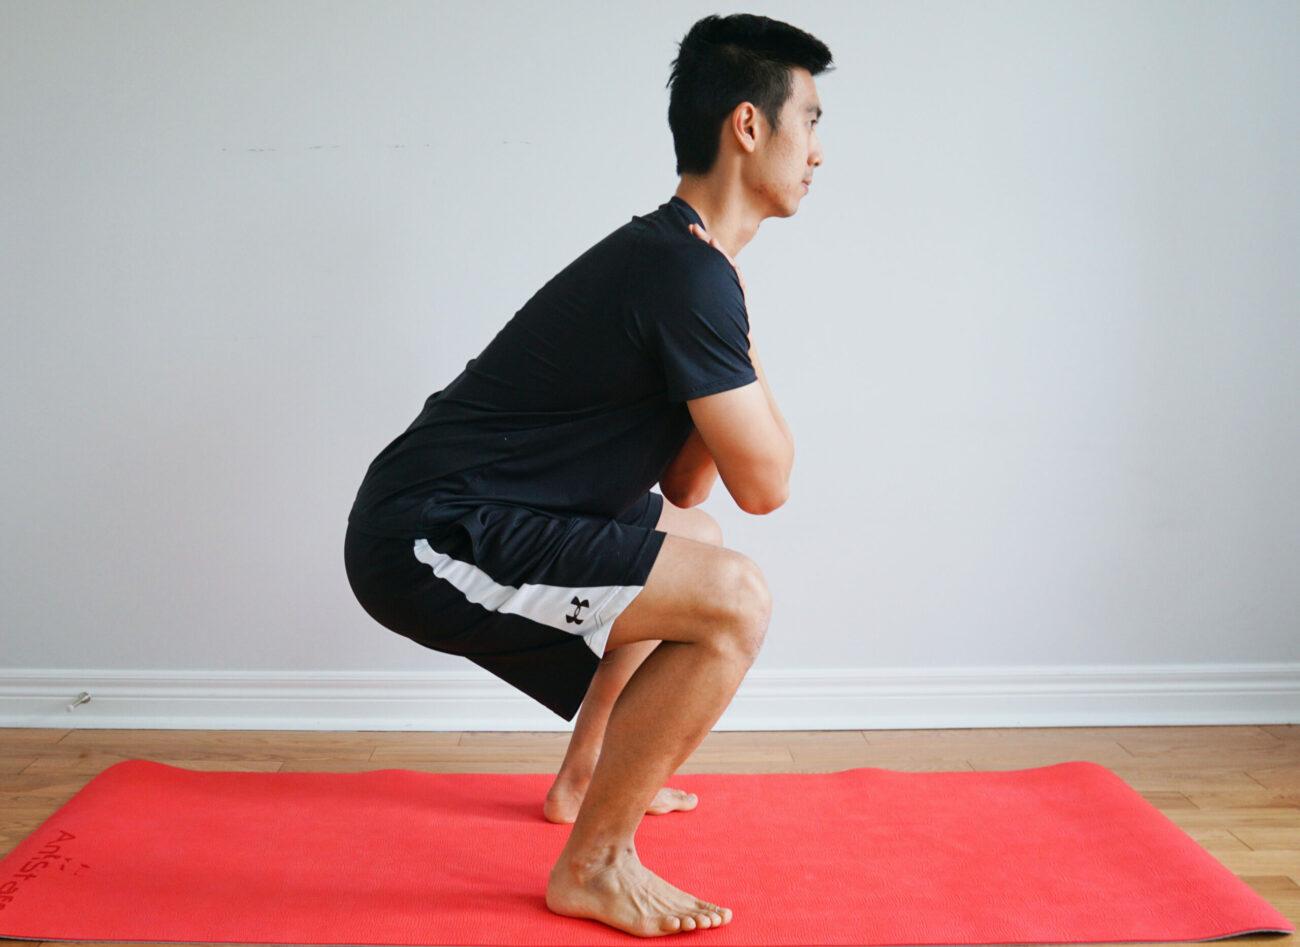 man performing squats